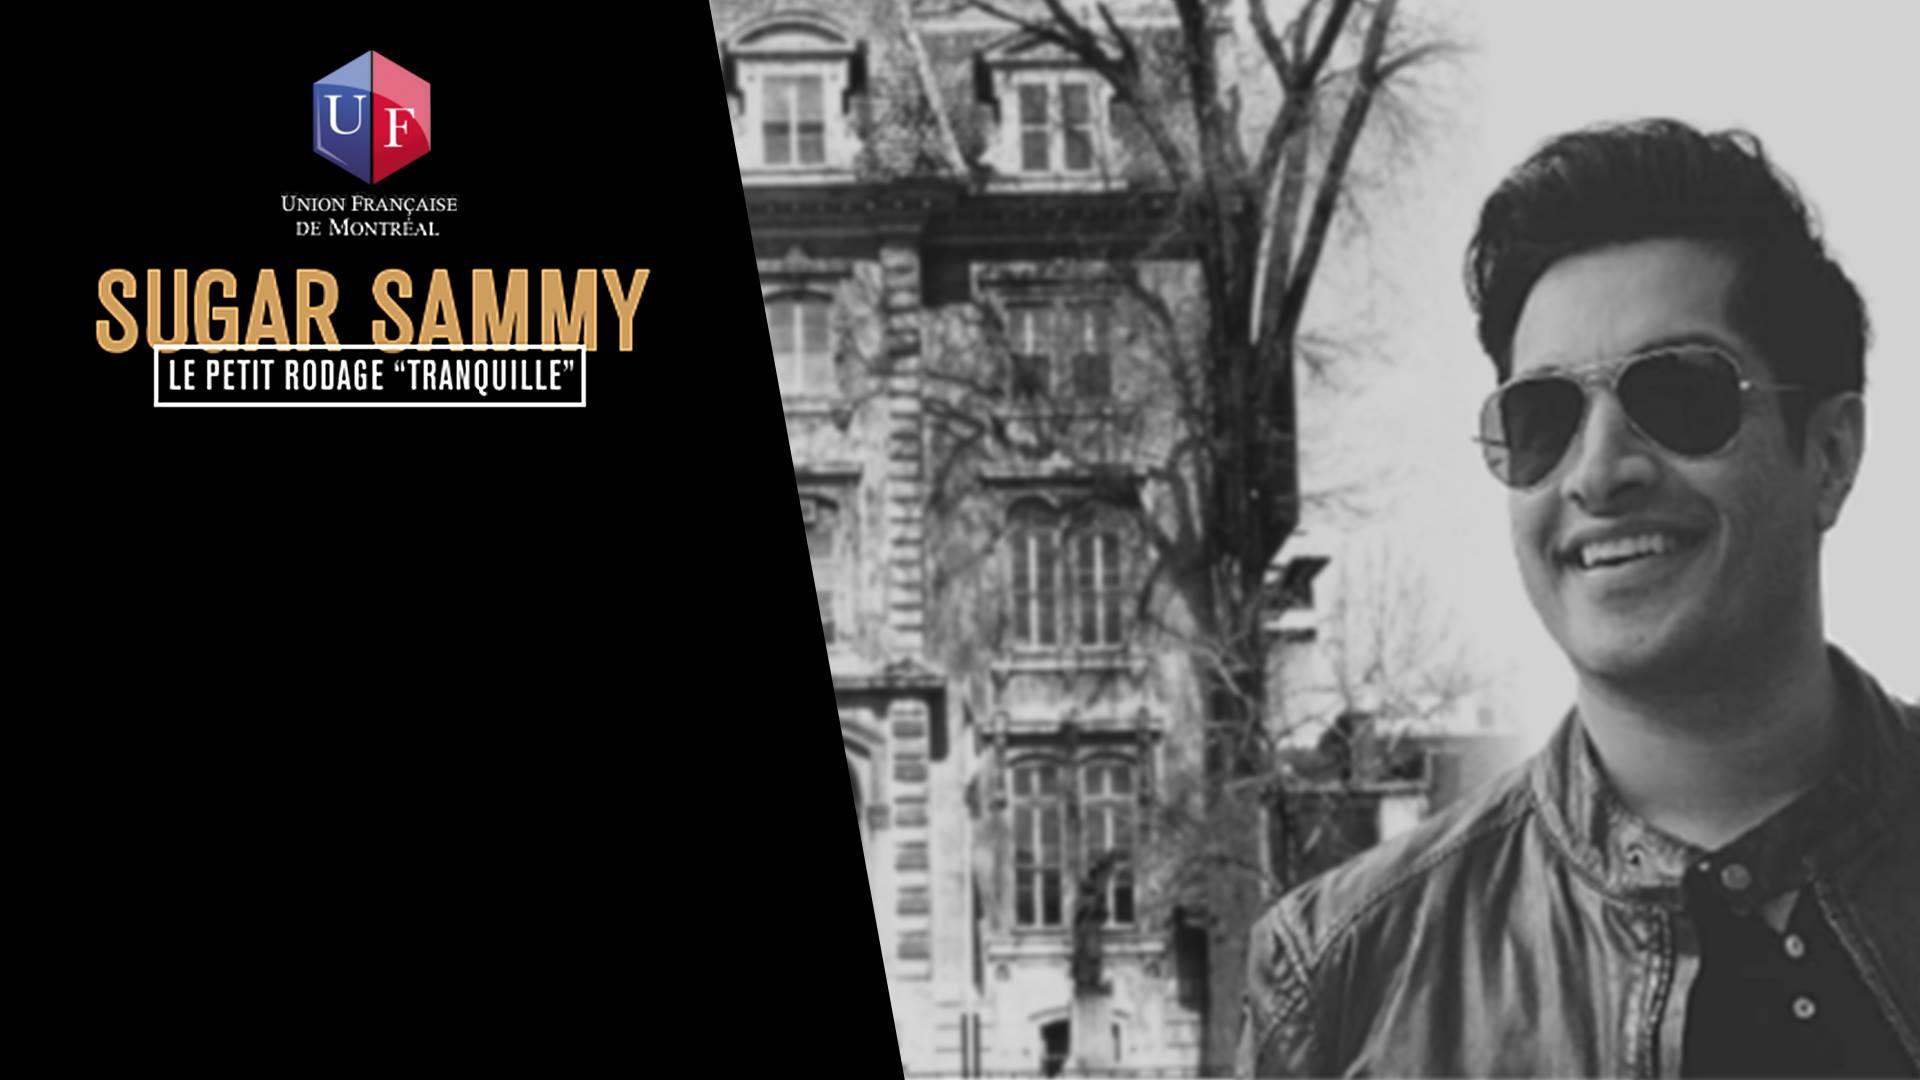 Sugar Sammy en rodage à l'Union Française